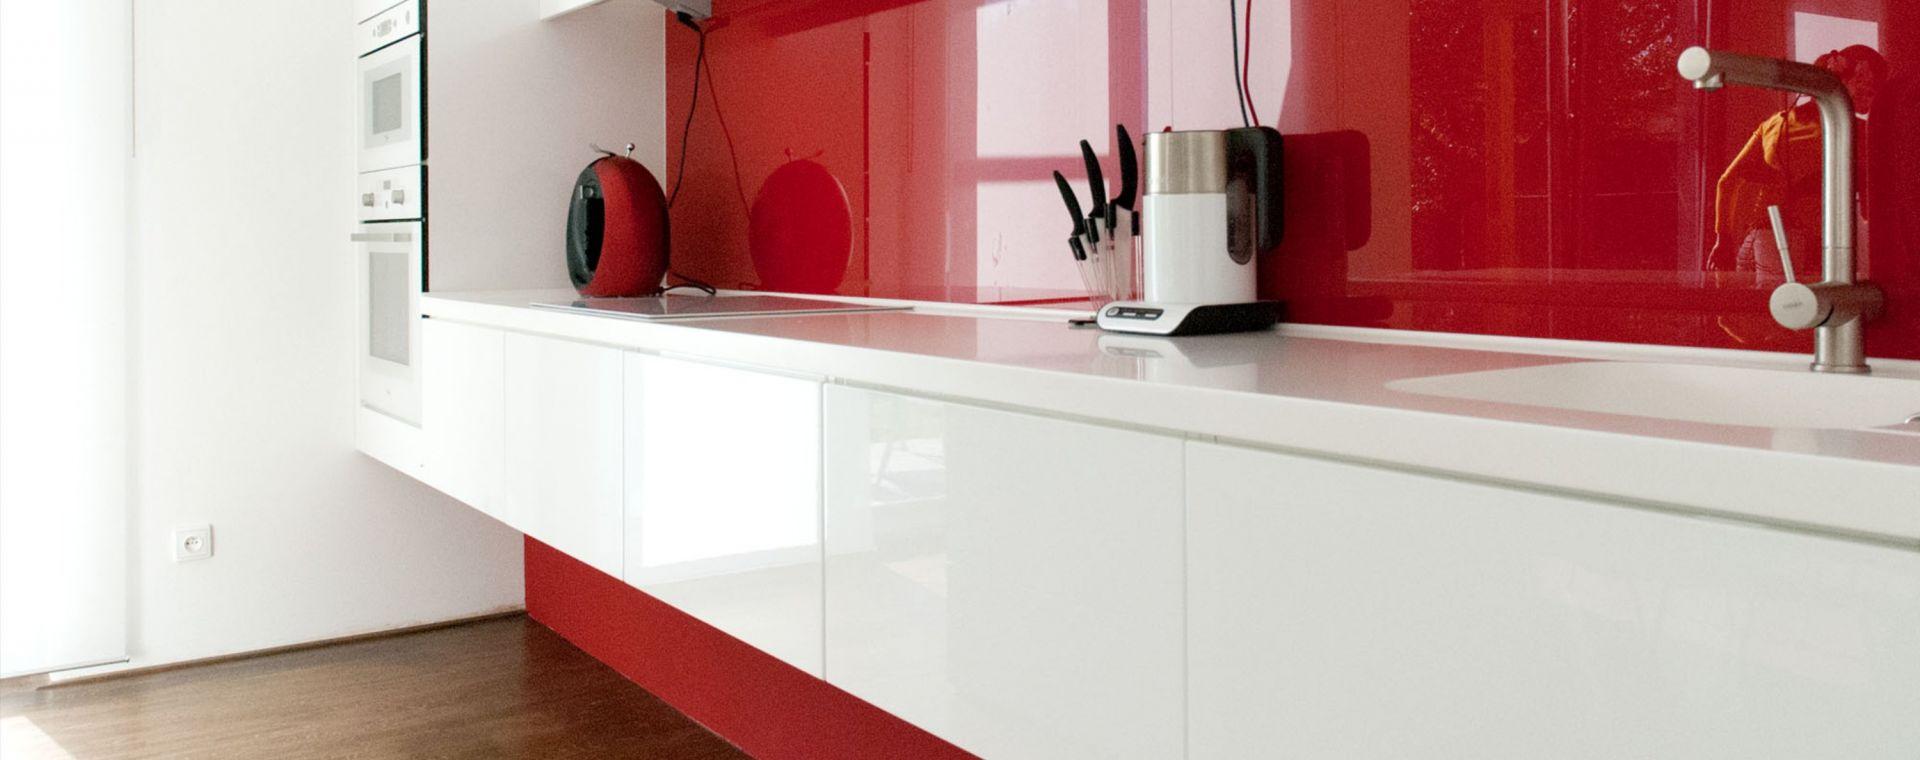 Realizace obytné kuchyně do rodinného domu Ždár nad Sázavou, Vysočina, 2010-2013, CZ